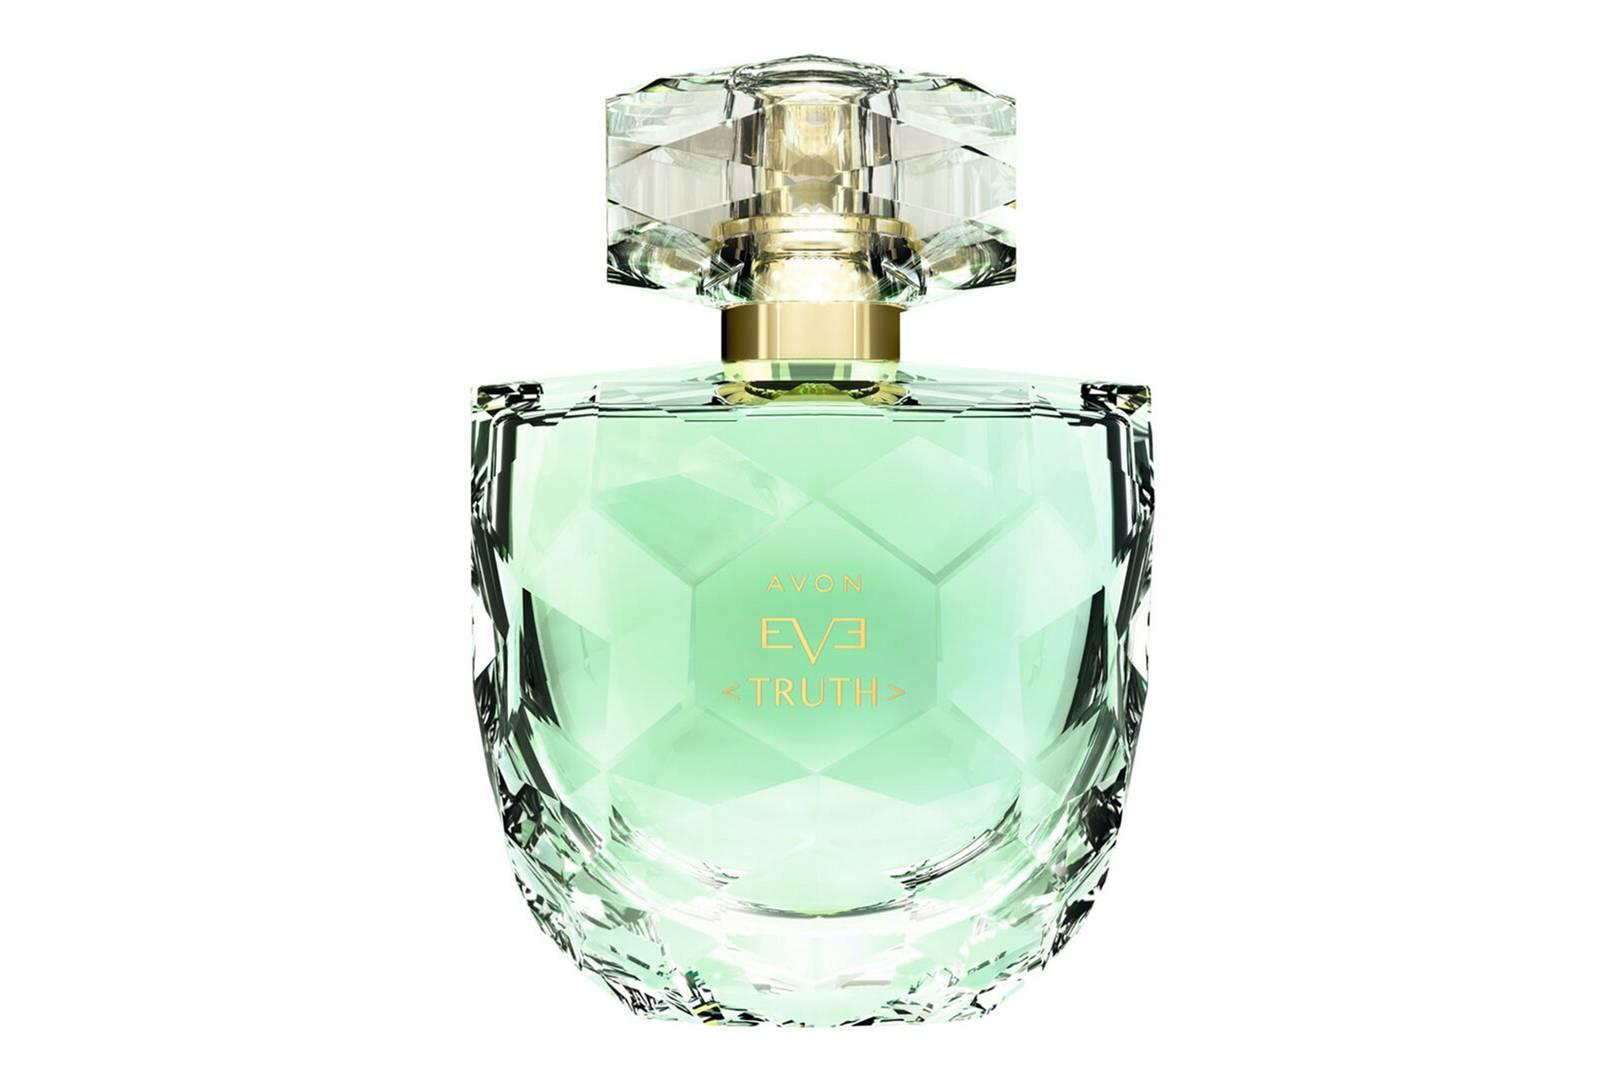 14 perfume smells exactly like a